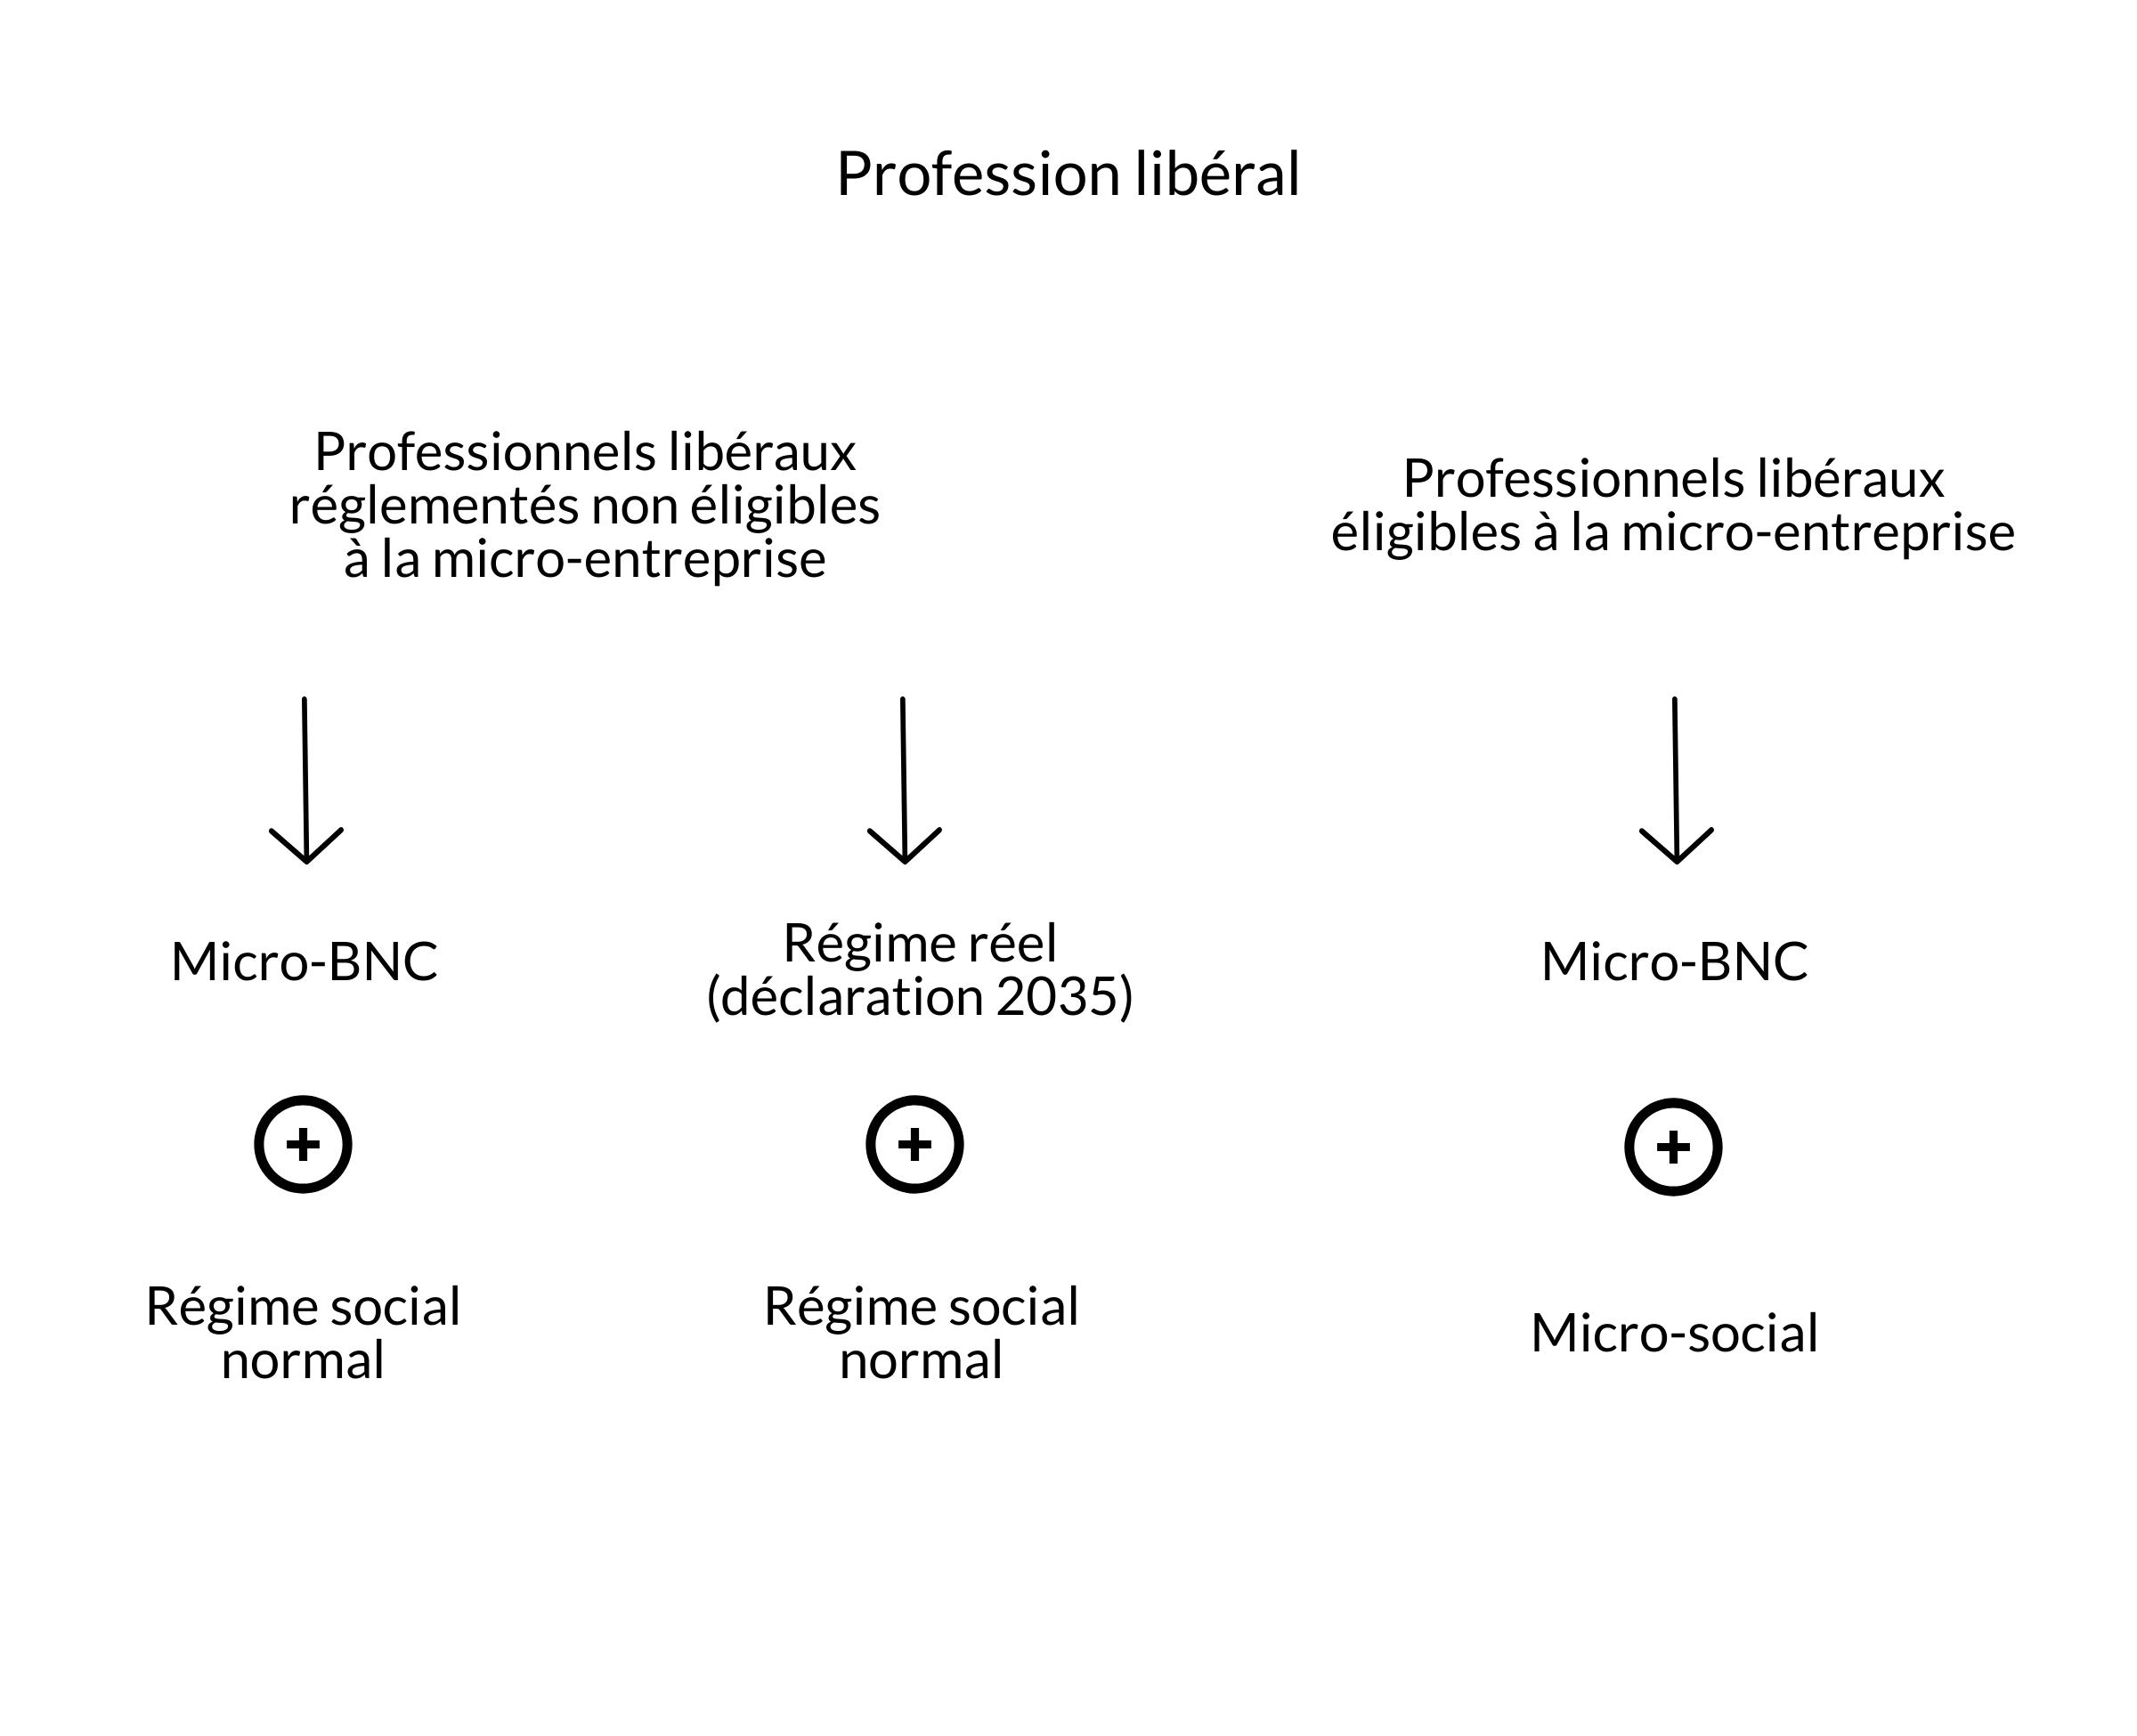 Schéma illustrant la différence entre micro-BNC et auto-entreprise